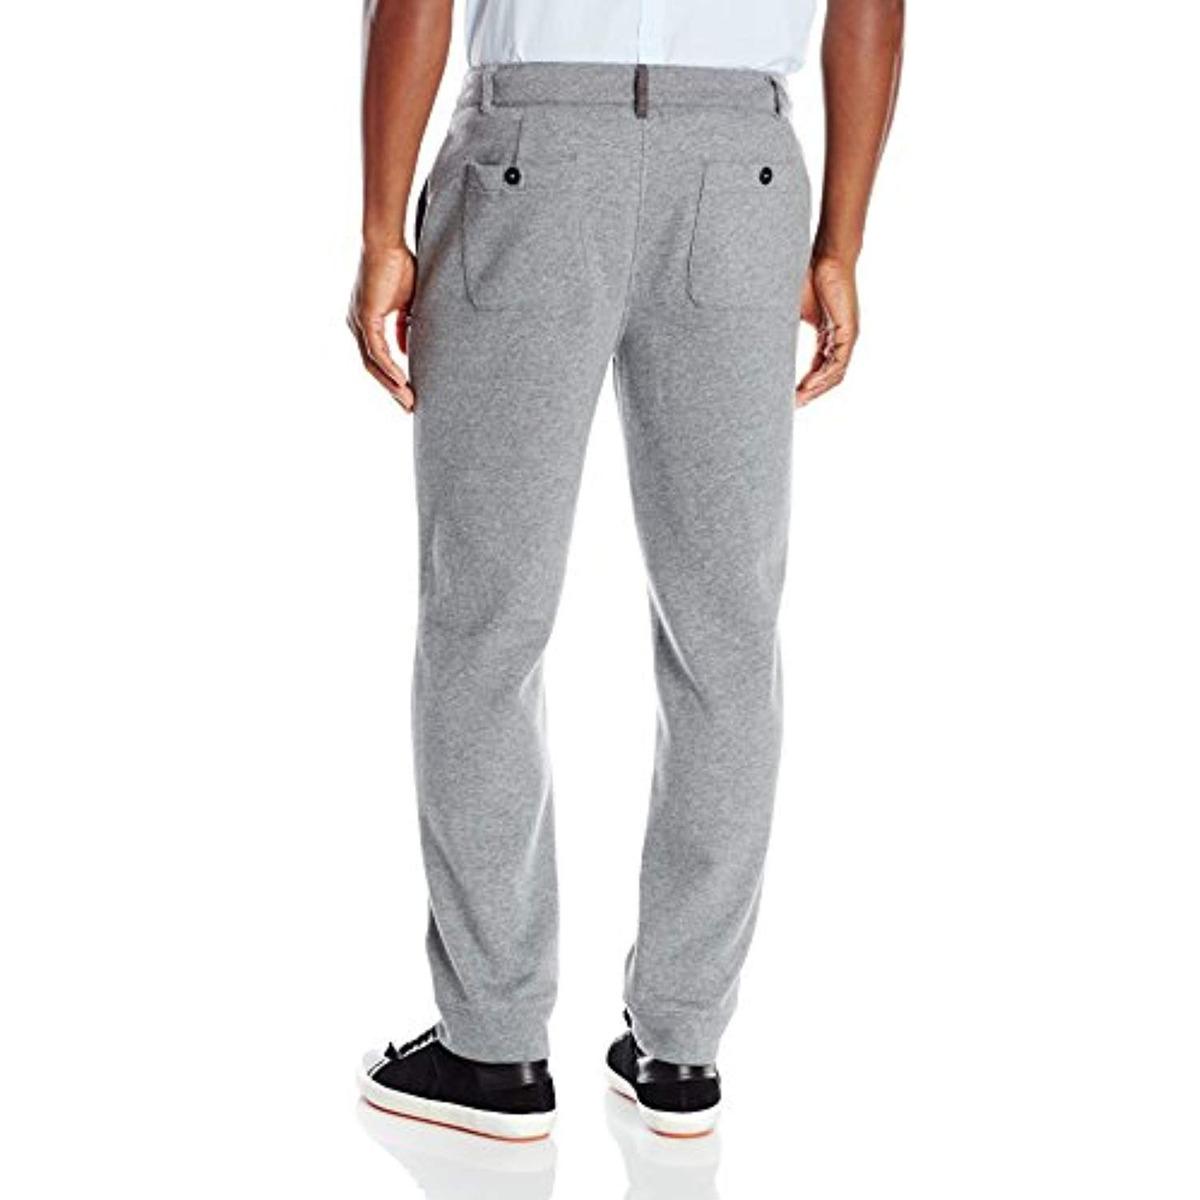 Nautica Pantalon De Banda Sin Vellon Men S 459 433 En Mercado Libre